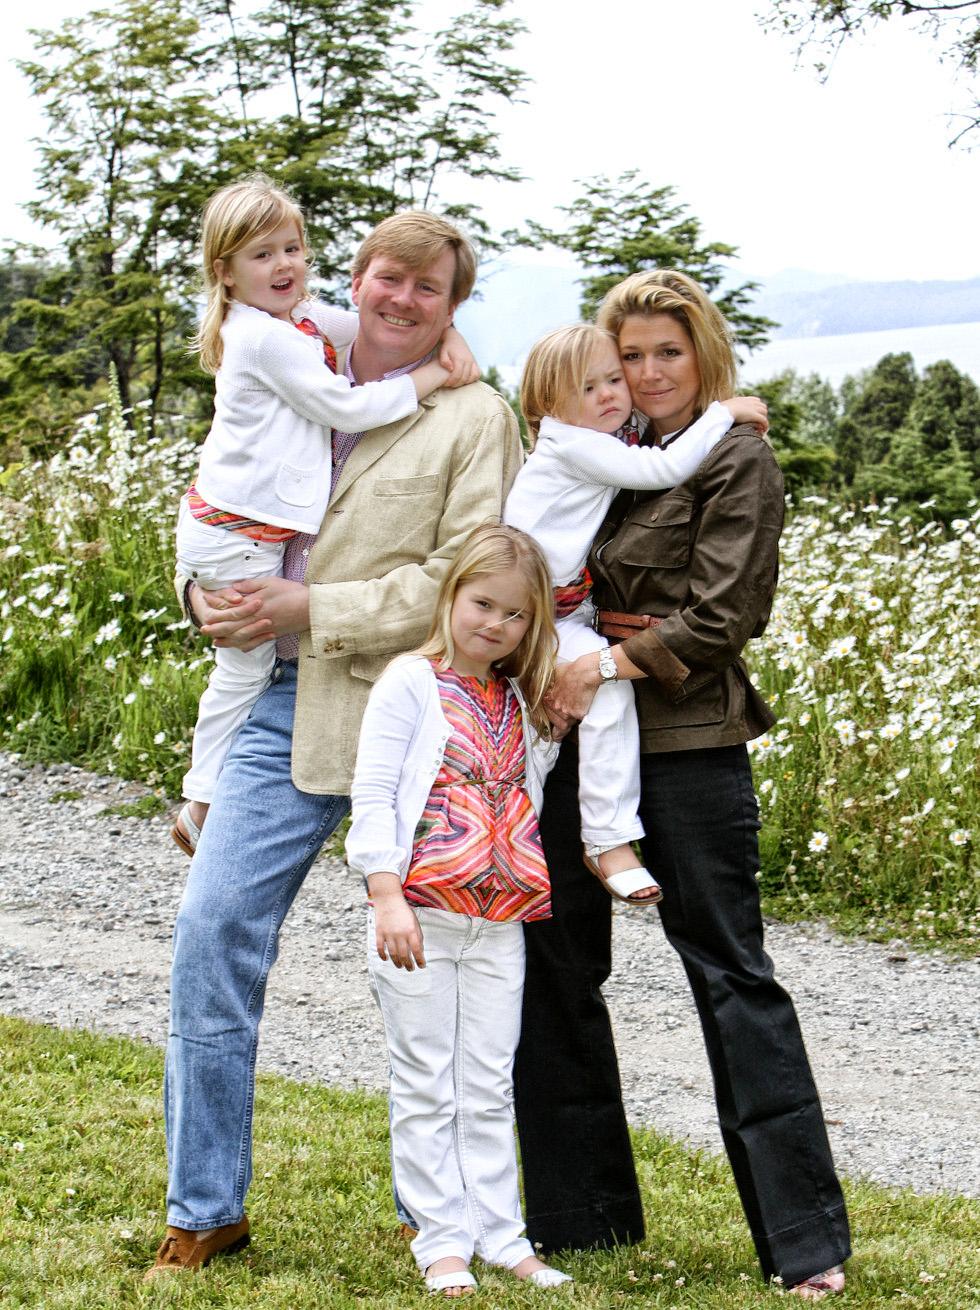 Principe Guillermo de Holanda con su mujer, Máxima Zorreguieta y sus hijas.